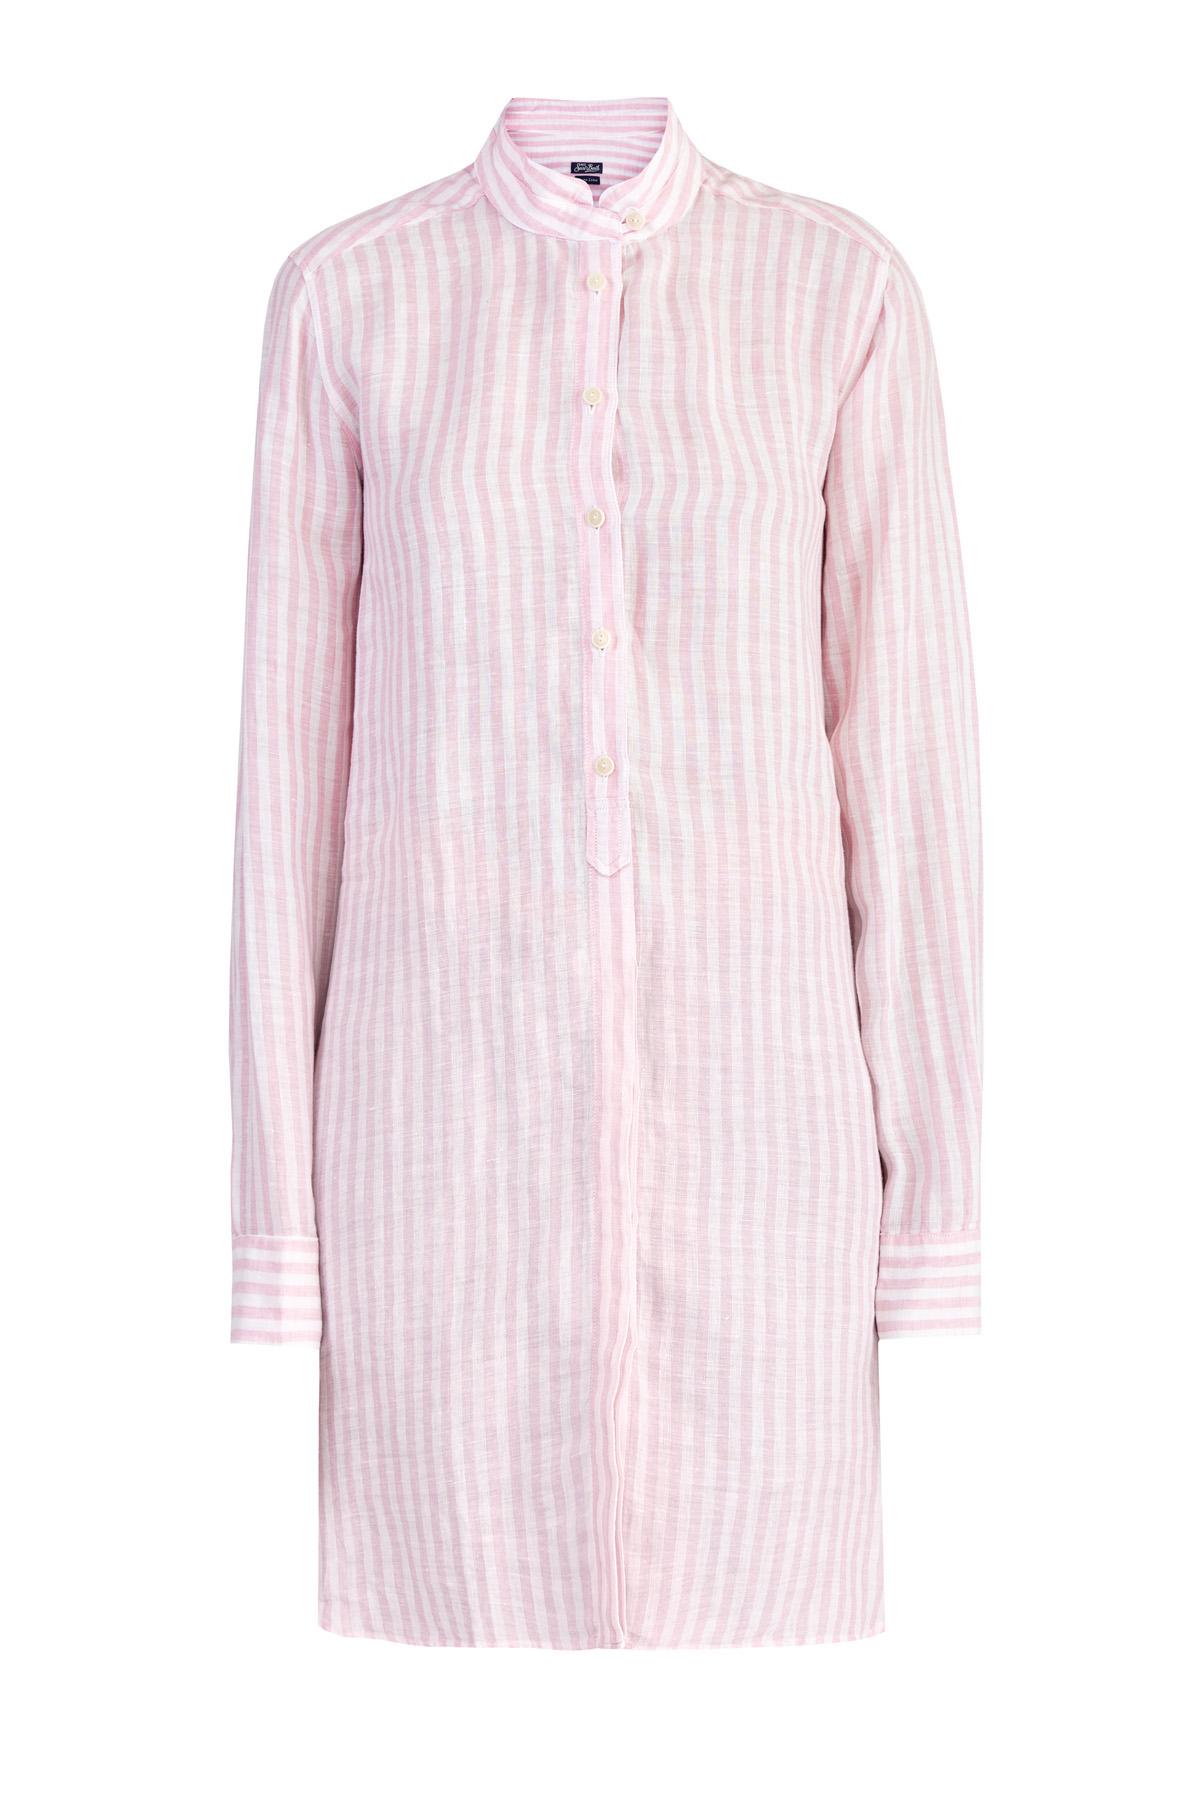 Купить со скидкой Удлиненная приталенная рубашка из льна с принтом в полоску